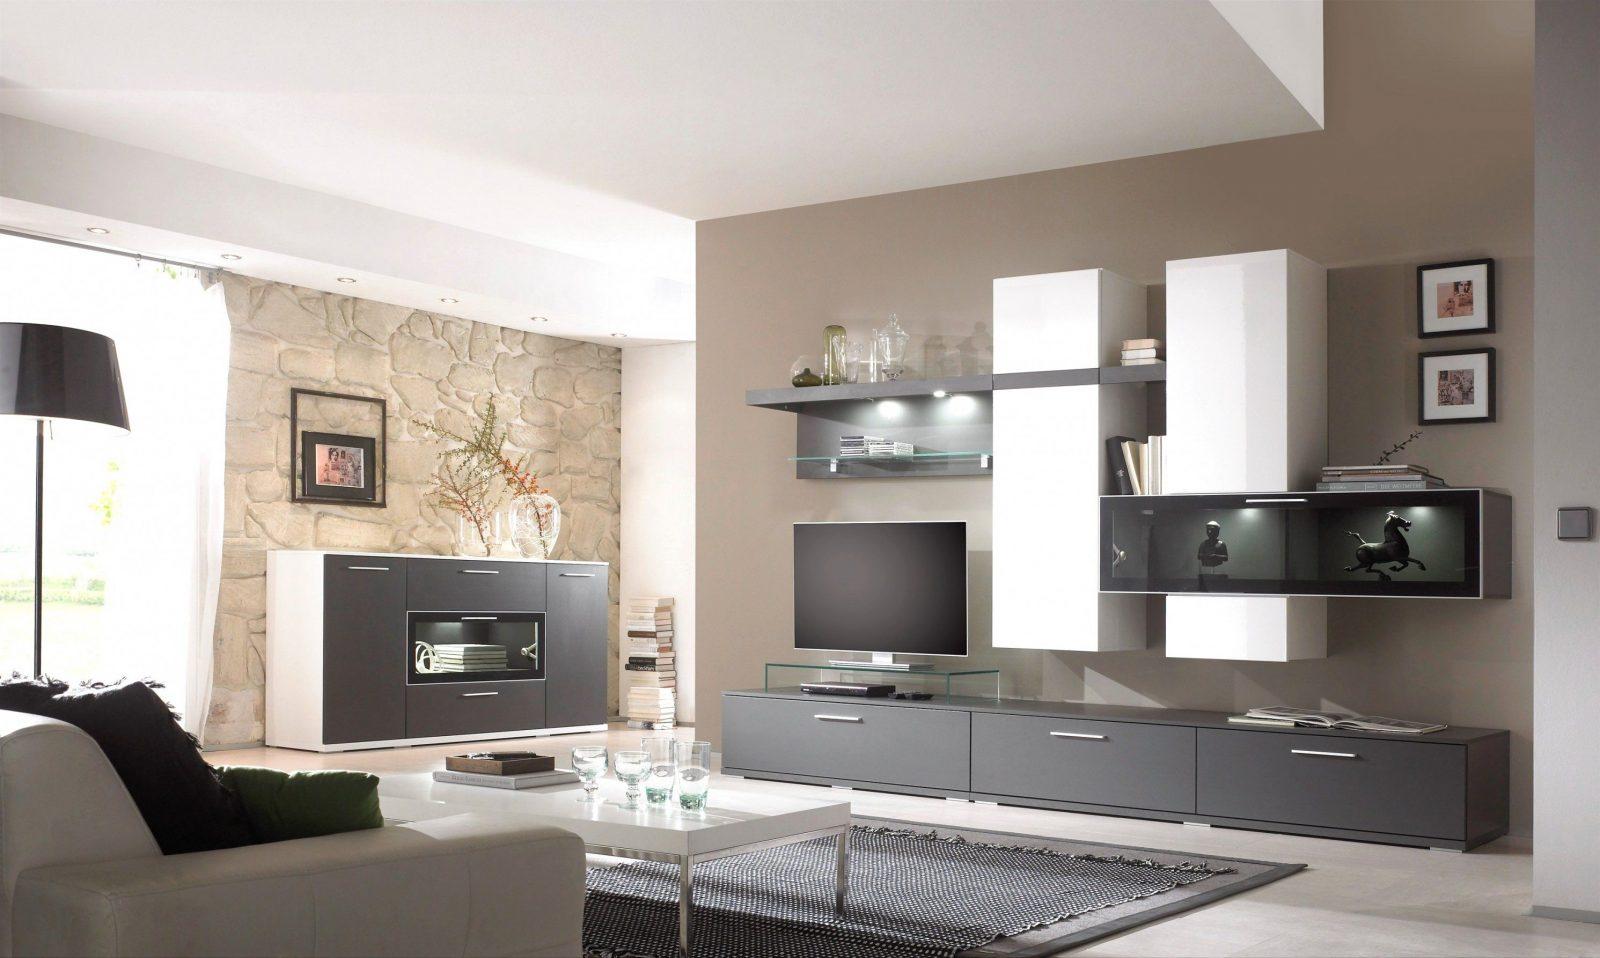 Wohnzimmer Dekoration Wande Zimmer Farblich Gestalten Wohndesign